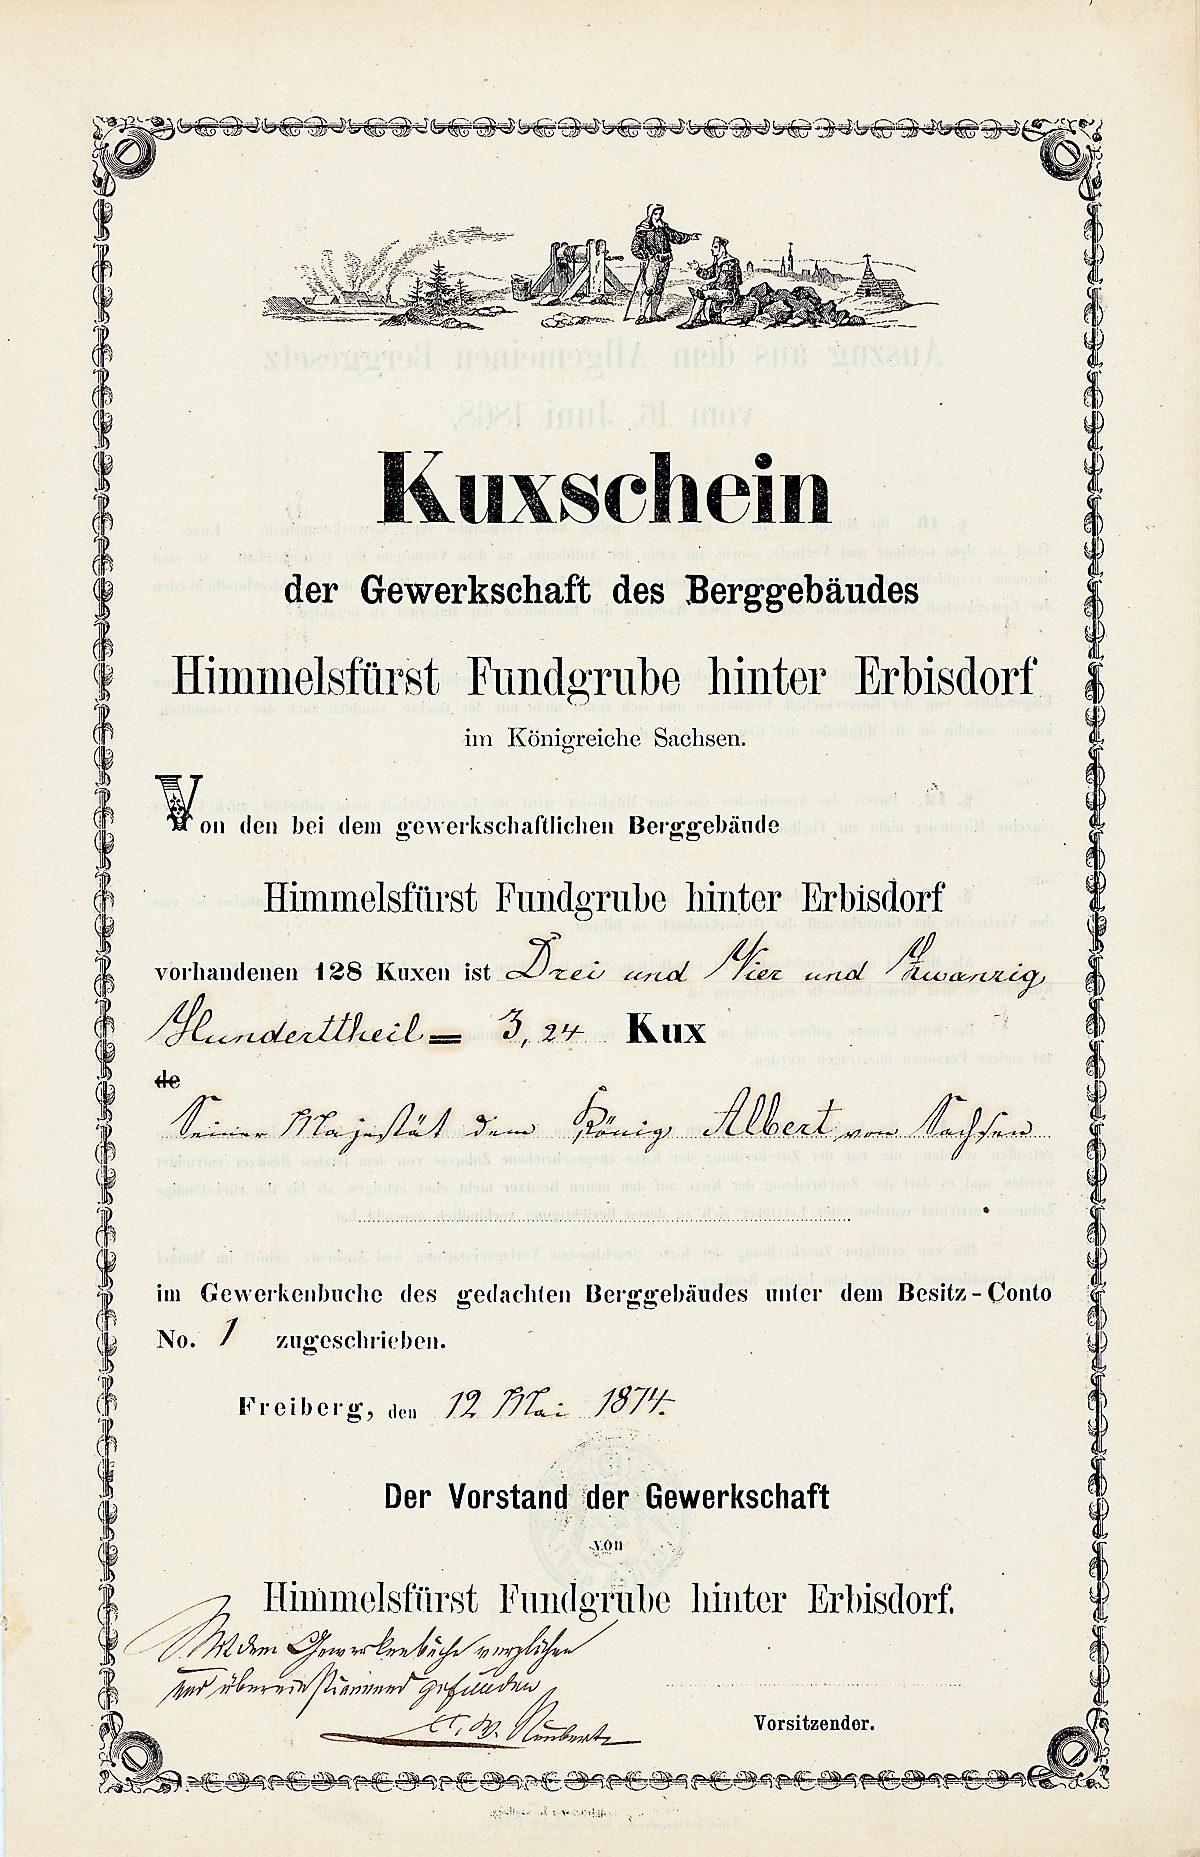 Gewerkschaft Himmelsfürst Fundgrube hinter Erbisdorf - Kuxschein von 1874, eingetragen auf Seine Majestät Albert, König von Sachsen